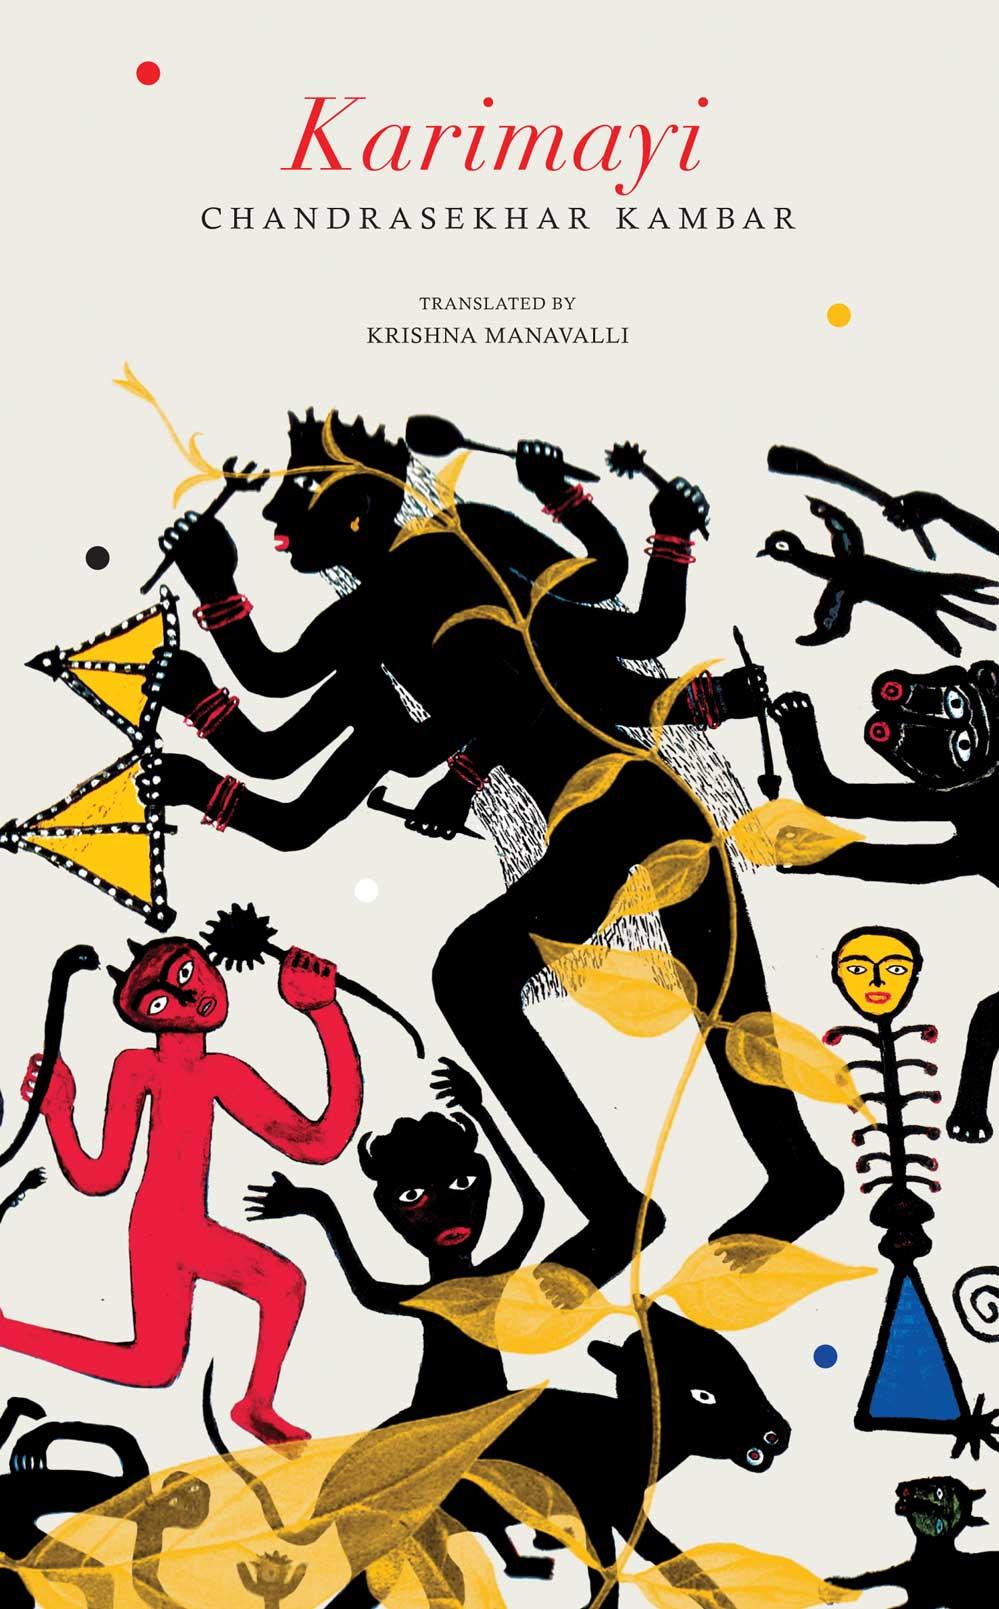 Karimayi by Chandrashekhar Kambar | Seagull Books